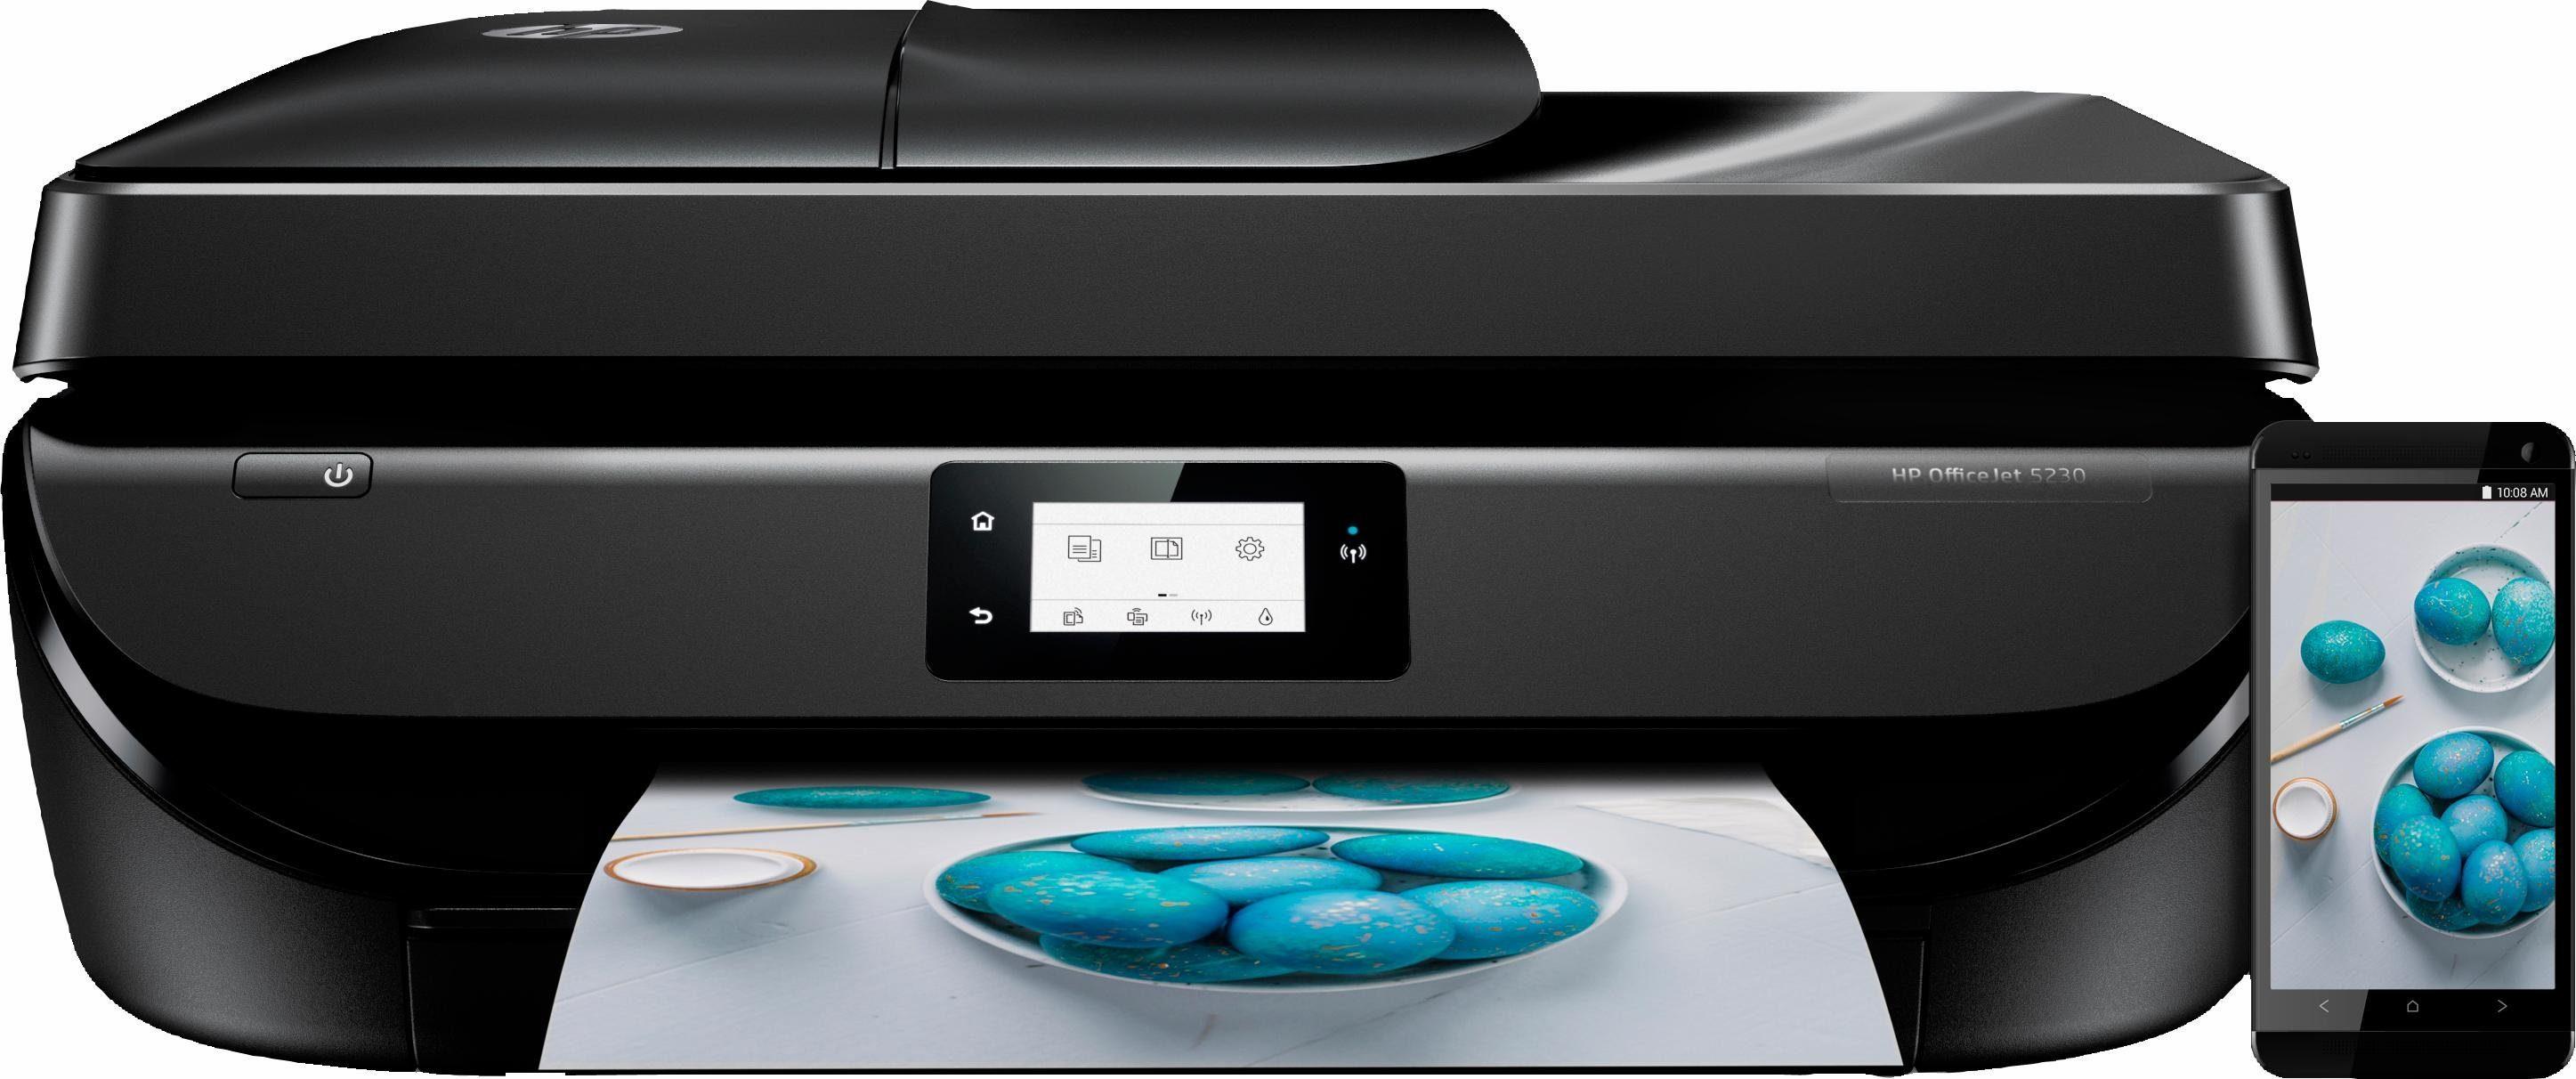 HP OfficeJet 5230 All-in-One-Drucker Multifunktionsdrucker